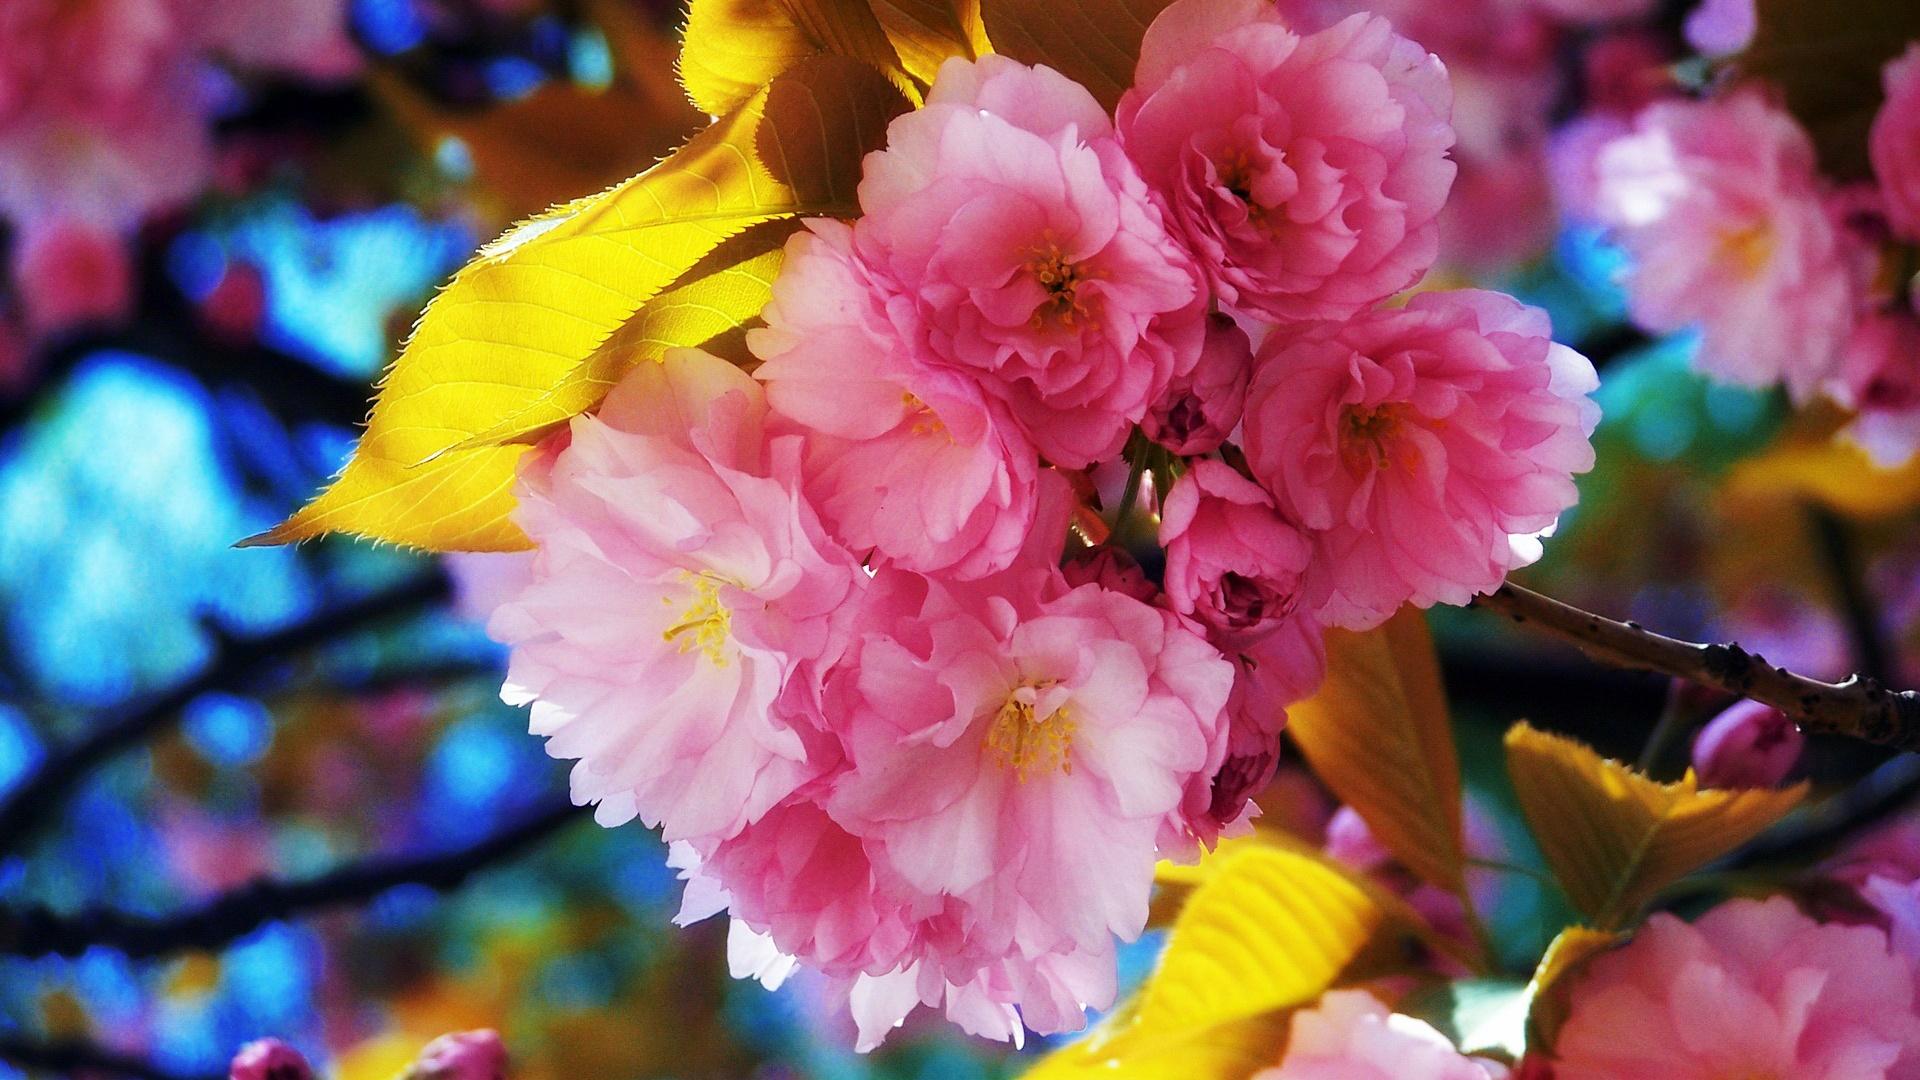 画像 春の季節を感じれる壁紙 1920x1080 spring wallpaper naver